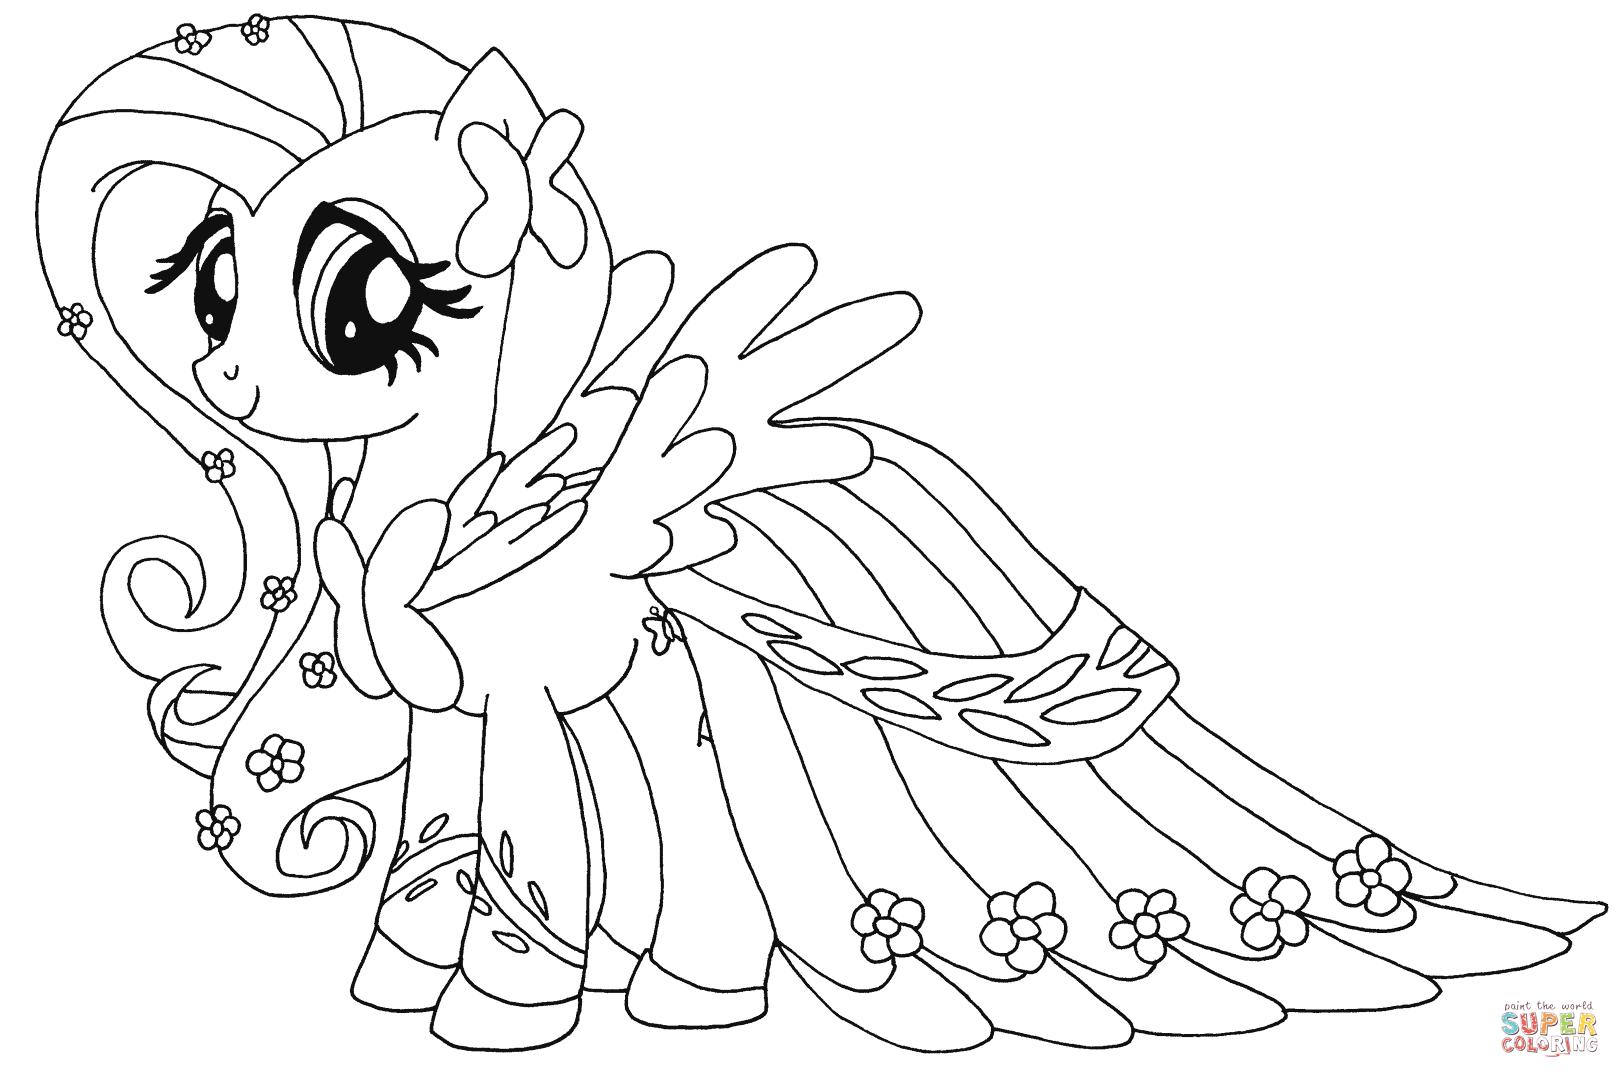 Juegos Para Colorear De My Little Pony. Good Haz Click En